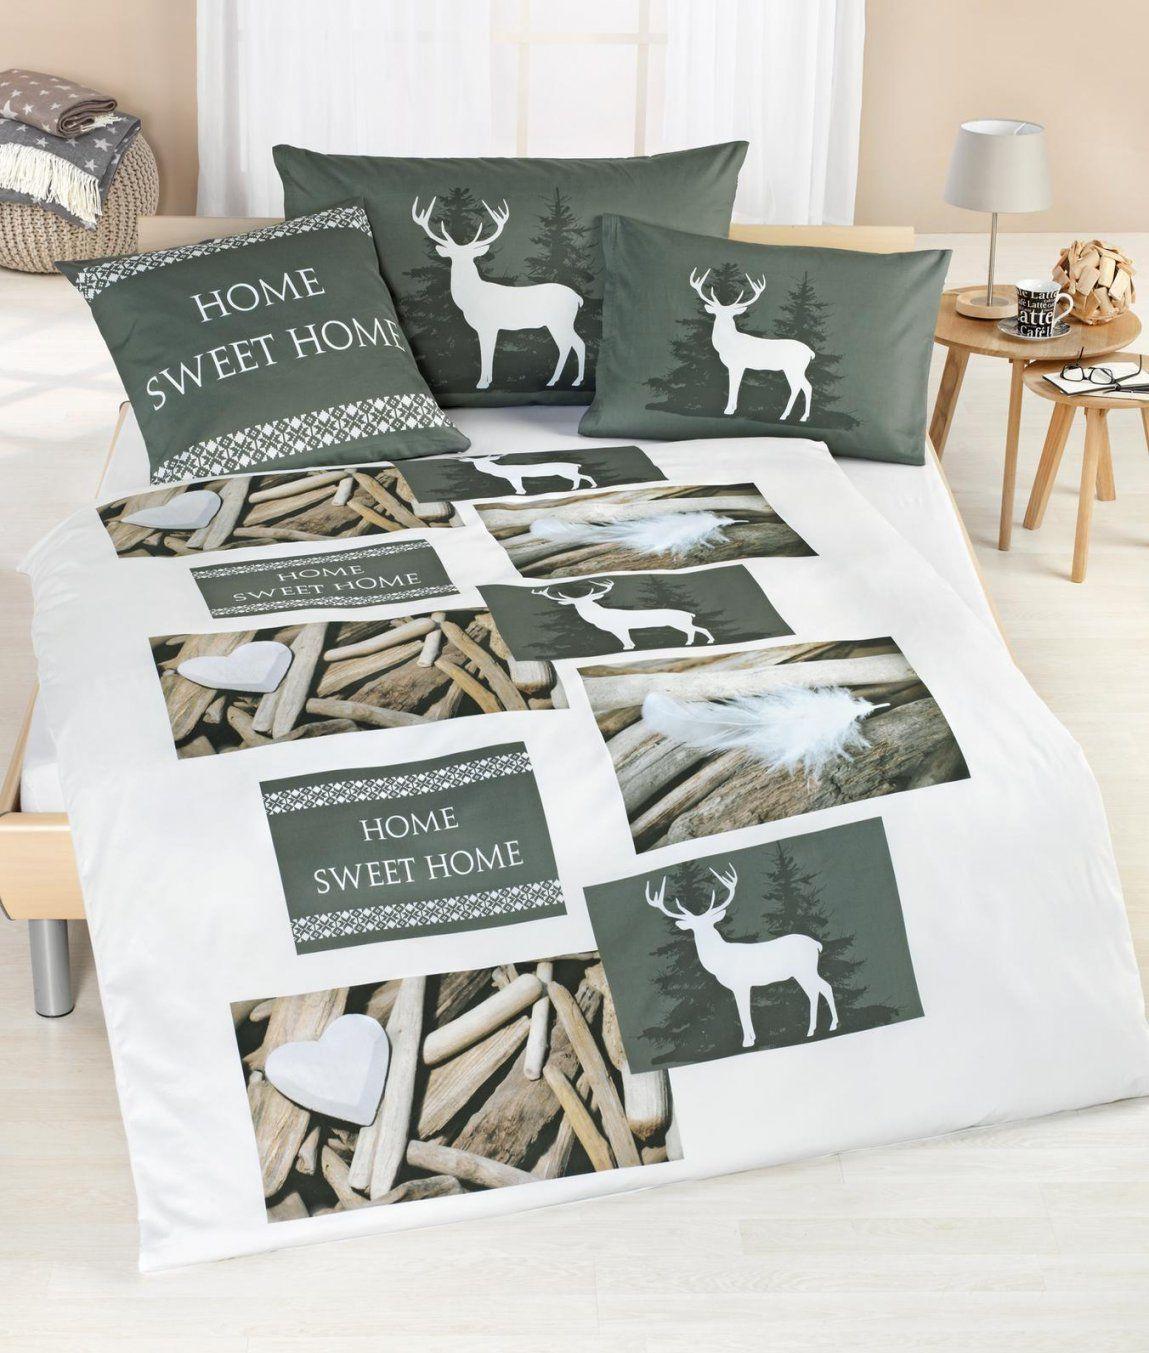 Satinbettwäsche Home Sweet Home Kaufen  Angela Bruderer Online von Home Ideas Bettwäsche Bild